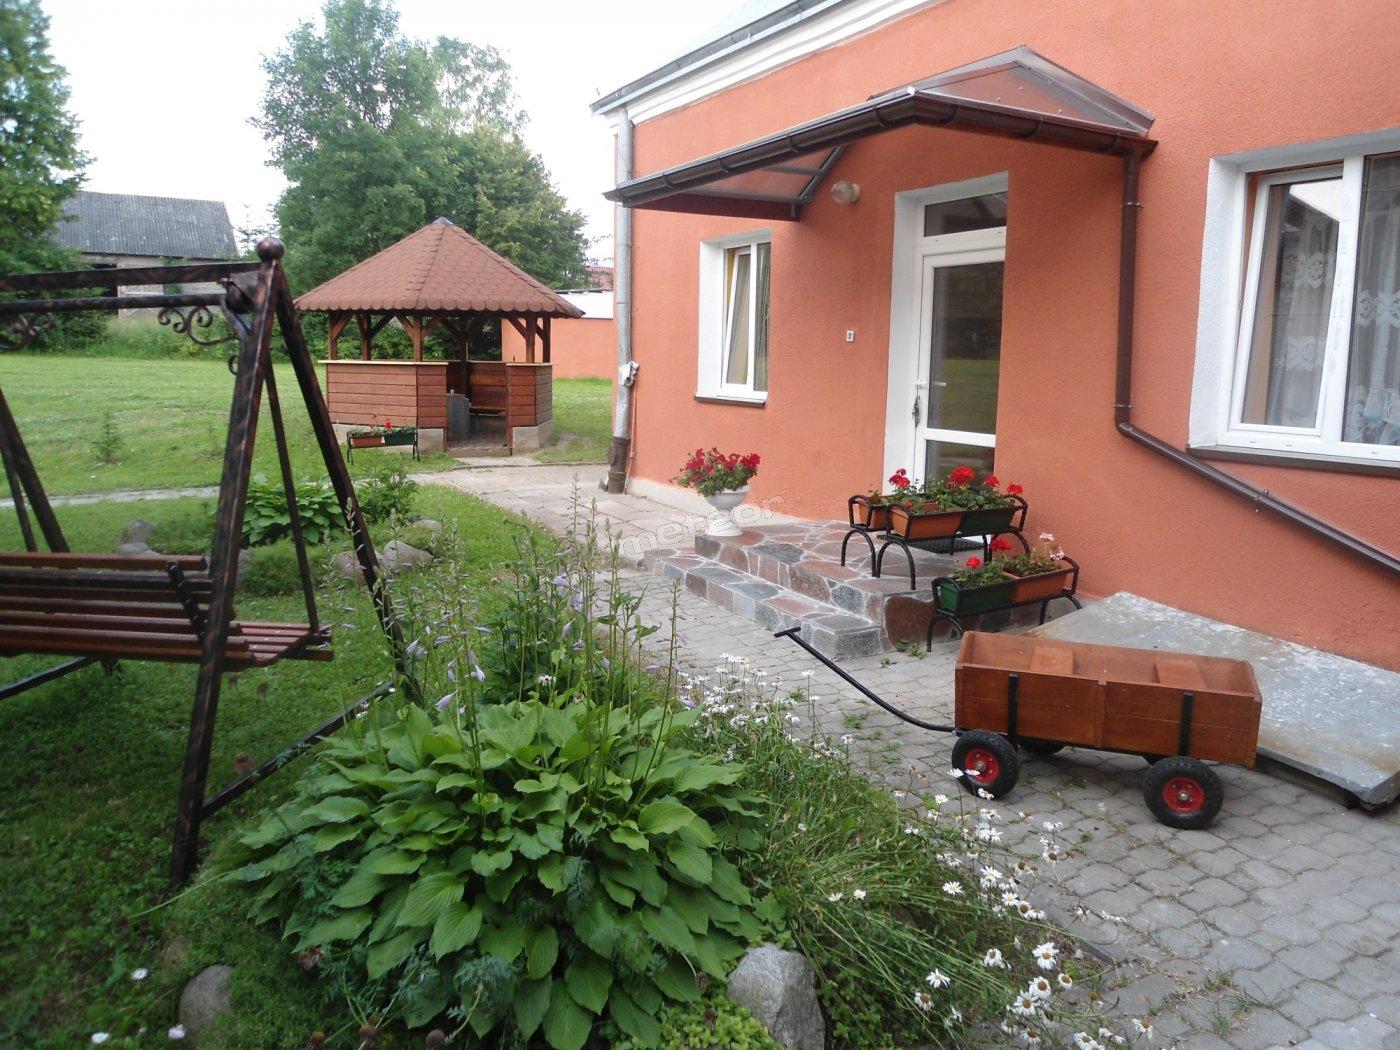 Dom Na Suwalskiej - Wiżajny